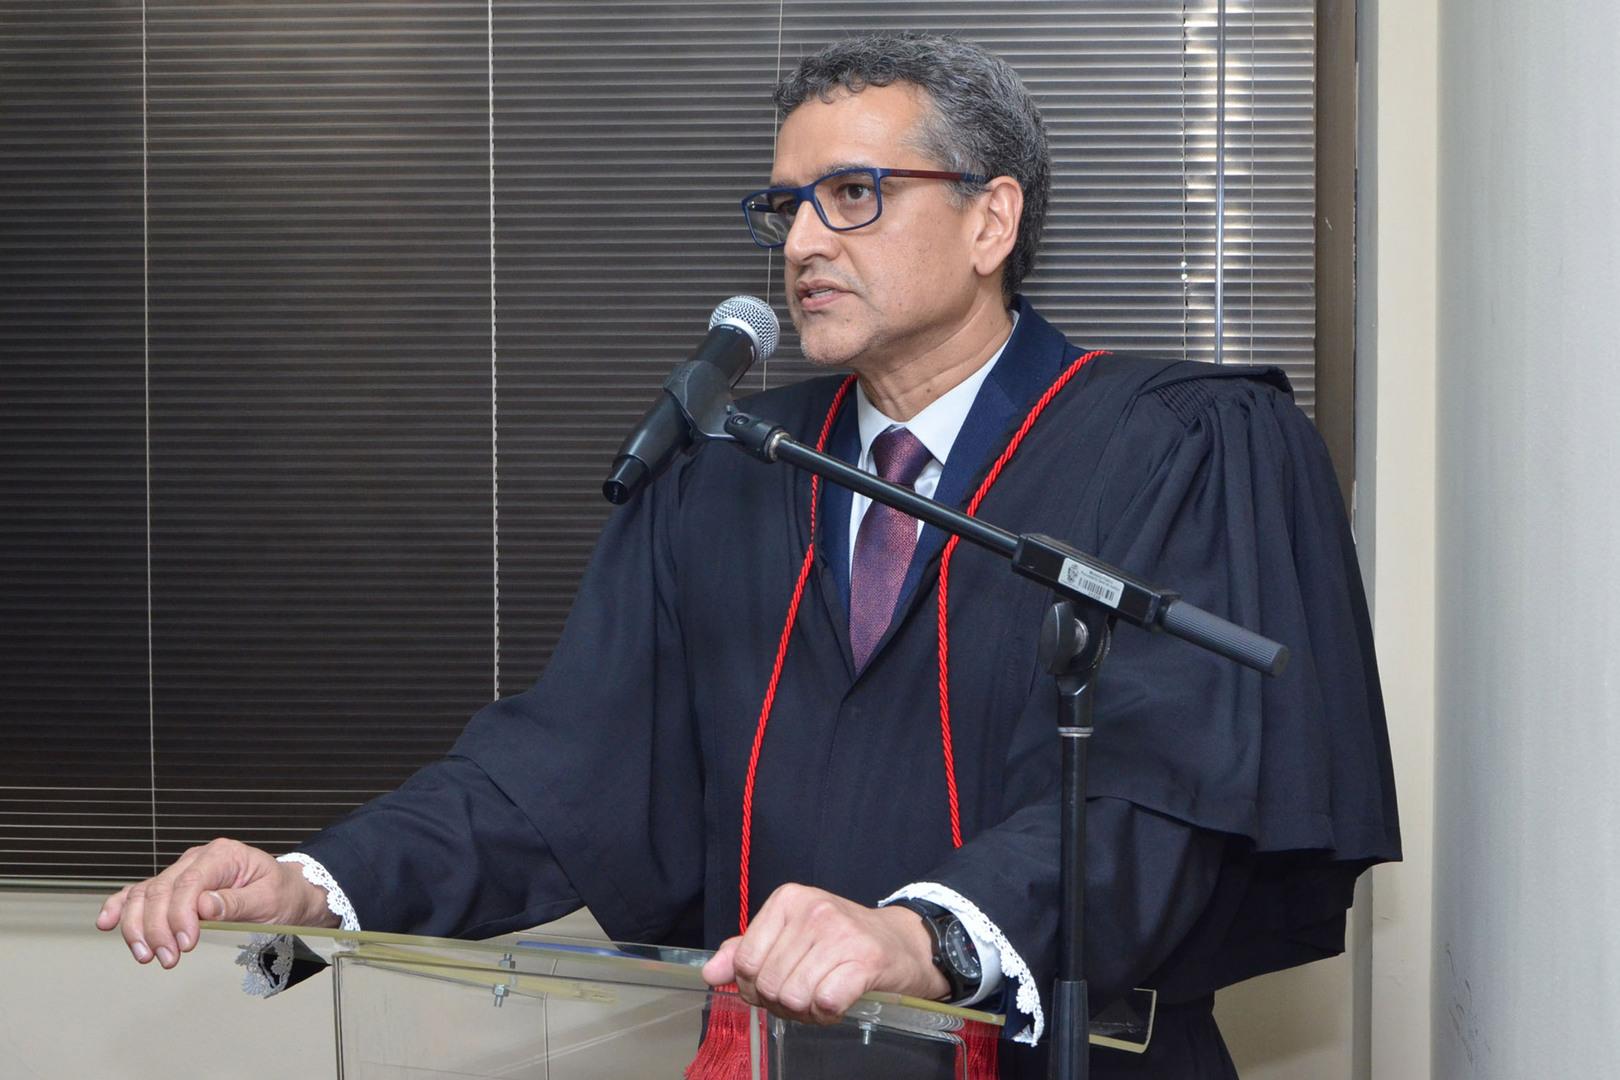 Vendilhões: em recurso, MP pede nulidade da decisão que trancou investigações